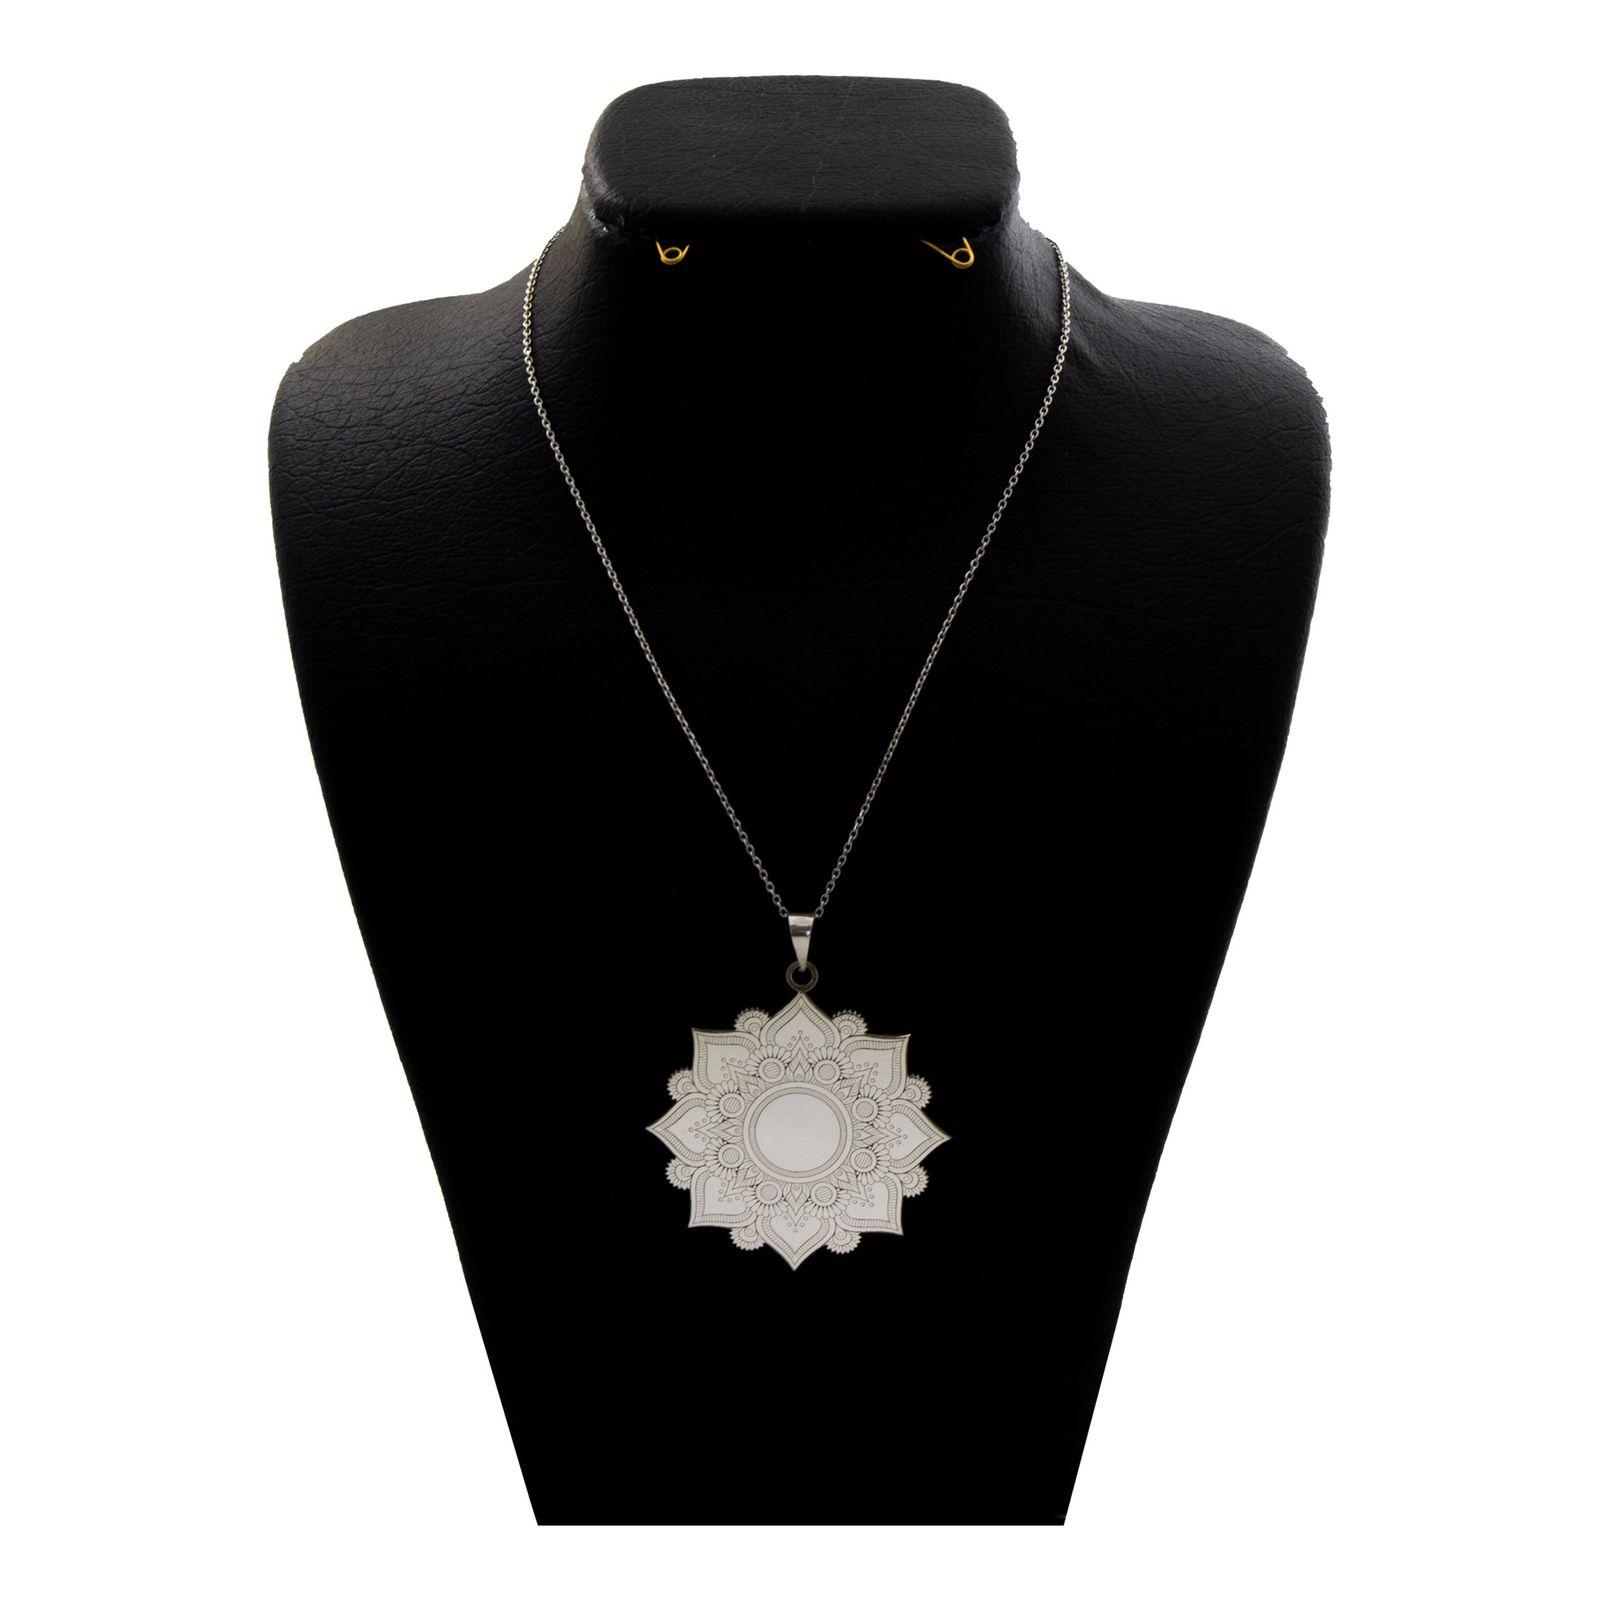 گردنبند نقره زنانه دلی جم طرح گل اسلیمی  کد D86 -  - 2